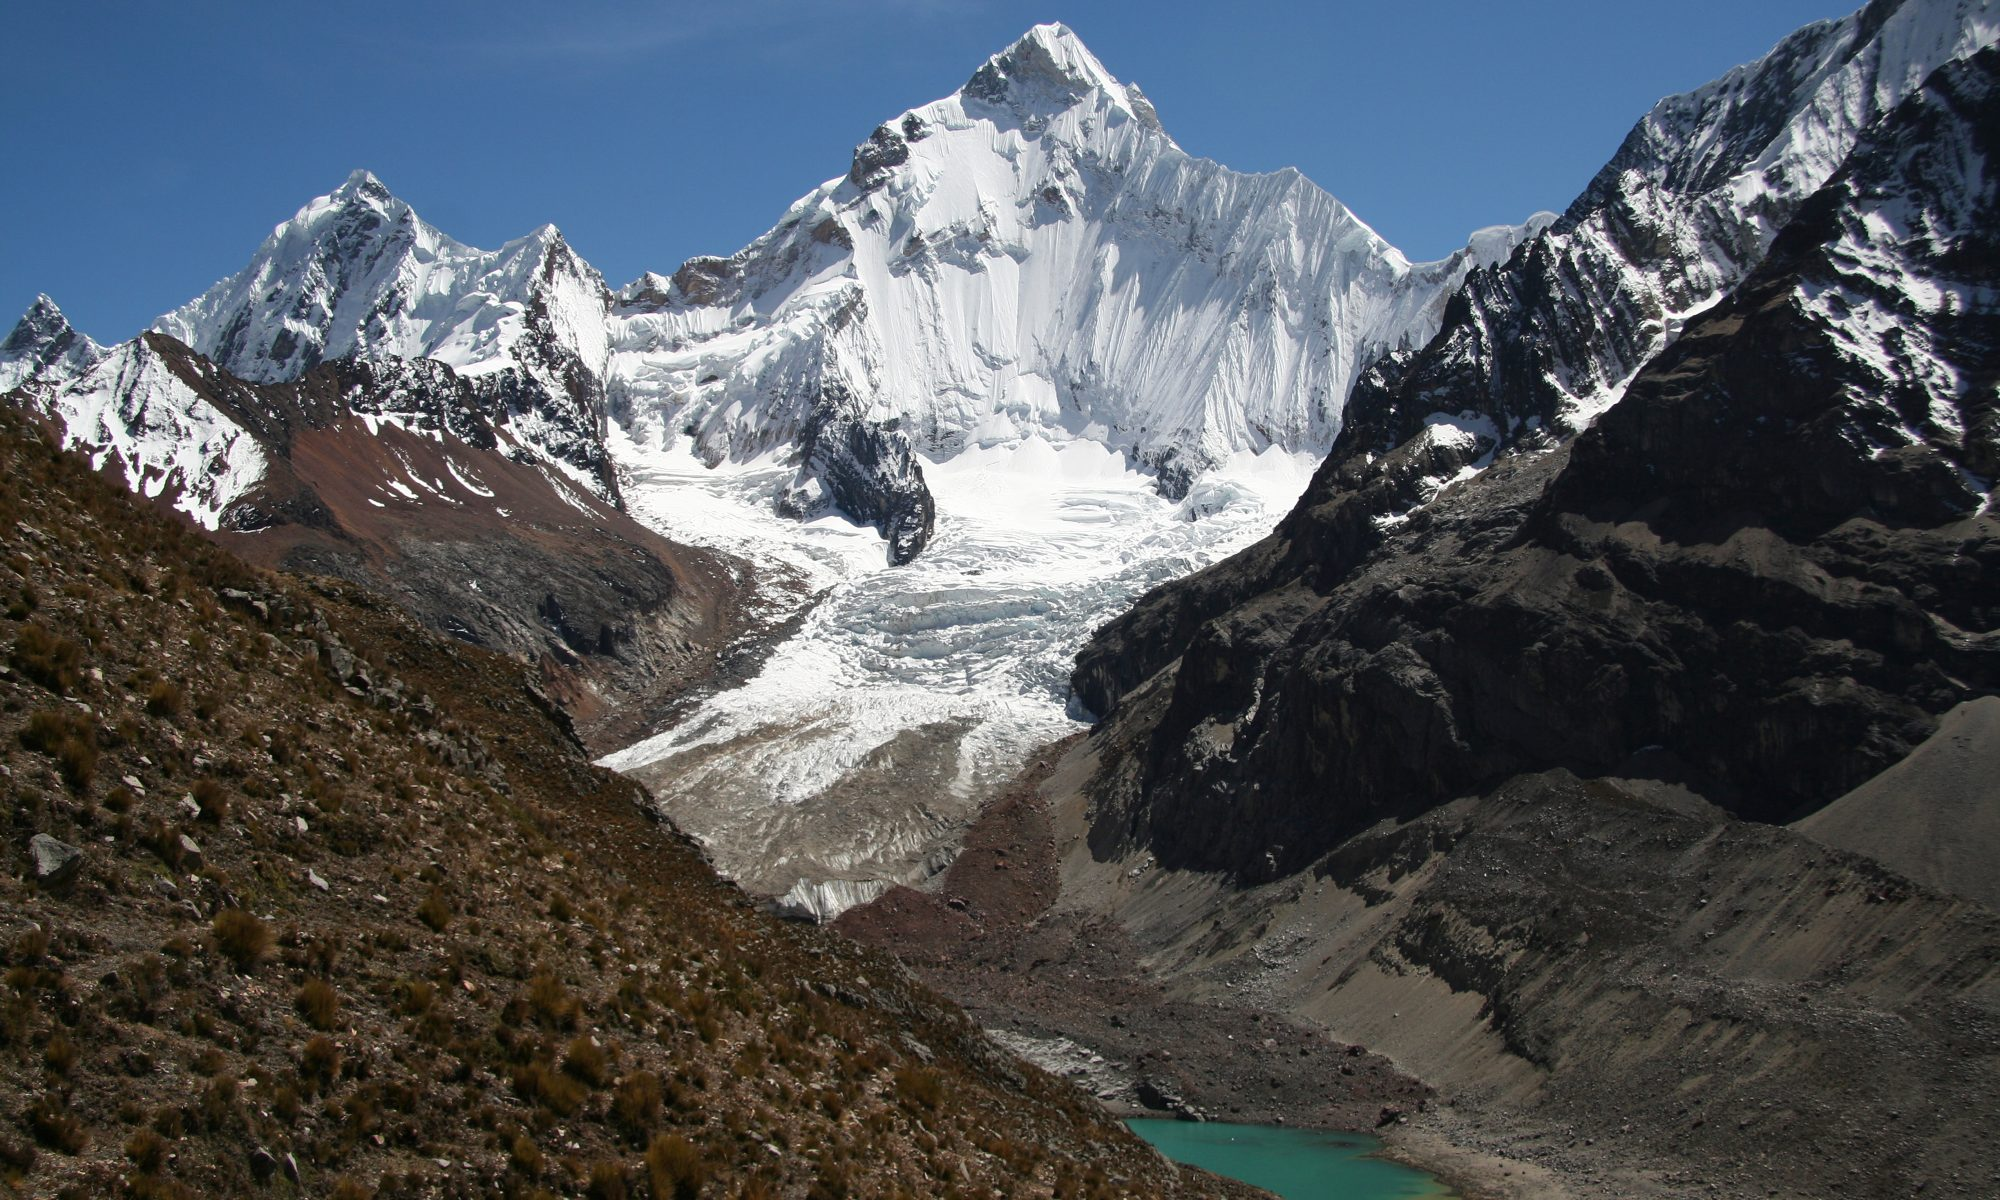 Andes Divide